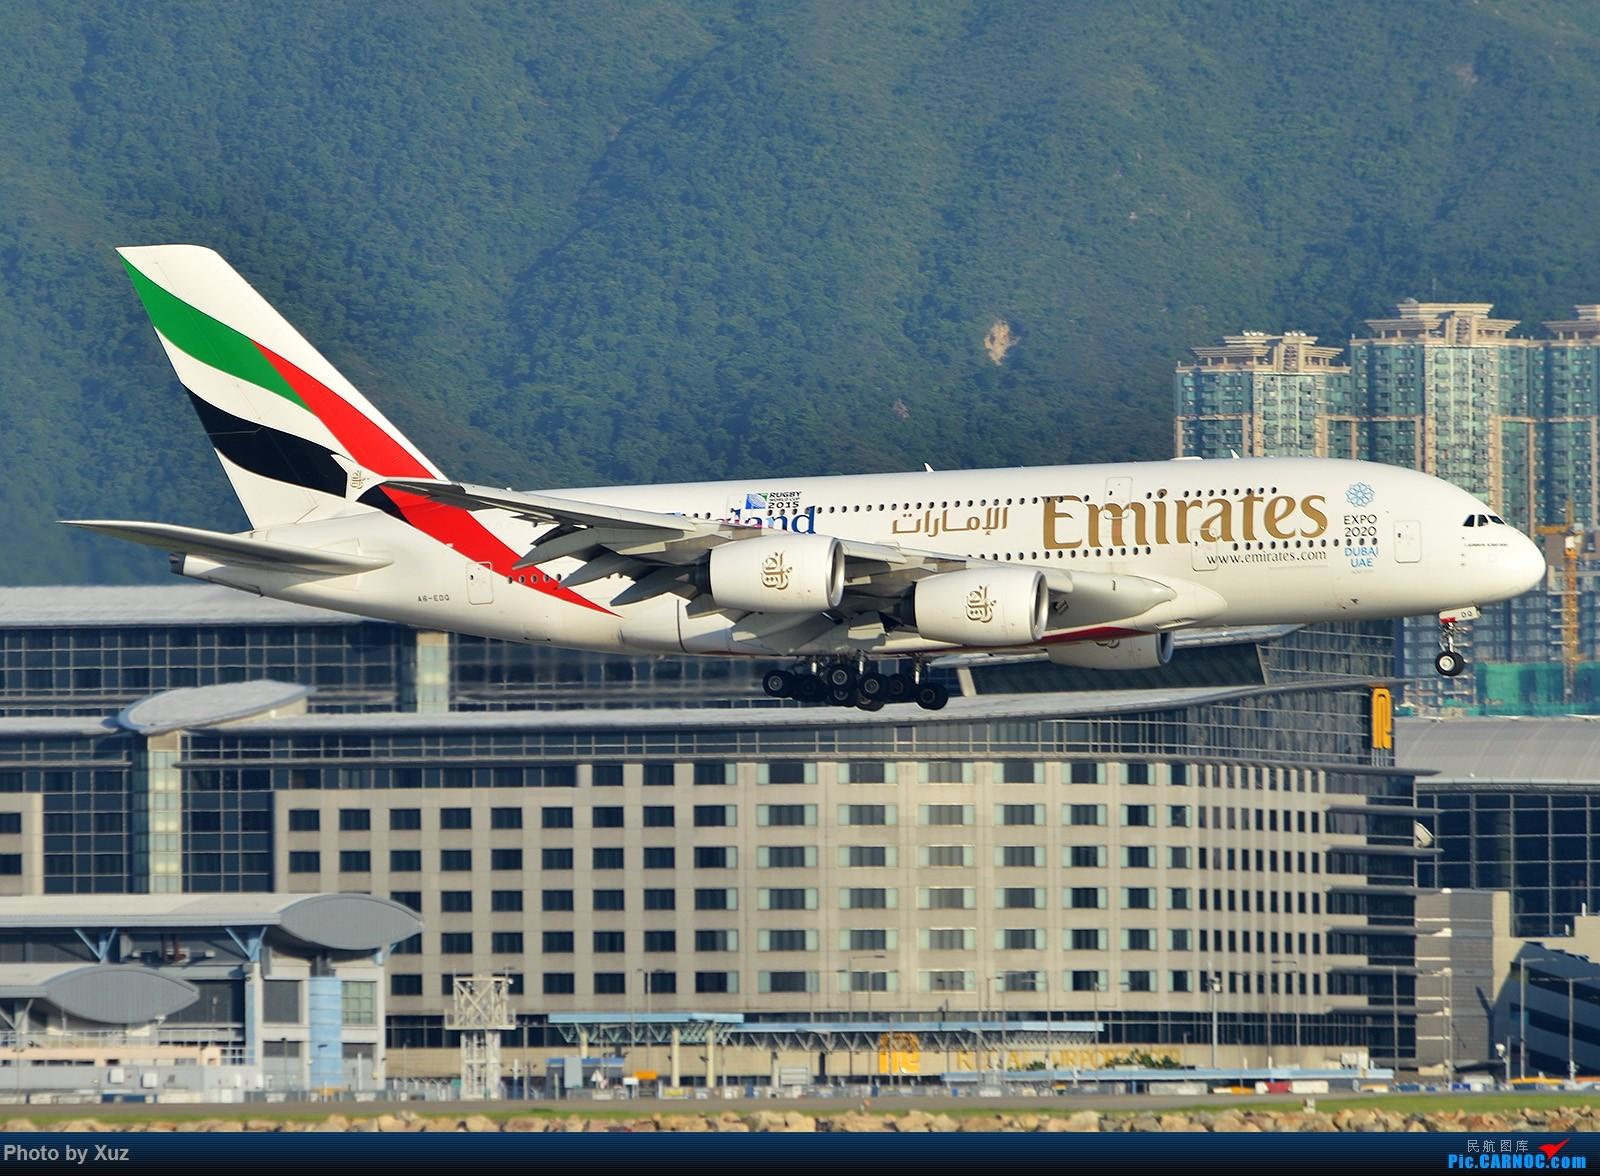 Re:[原创]香港拍机之行 AIRBUS A380-800 A6-EDQ 中国香港赤鱲角国际机场